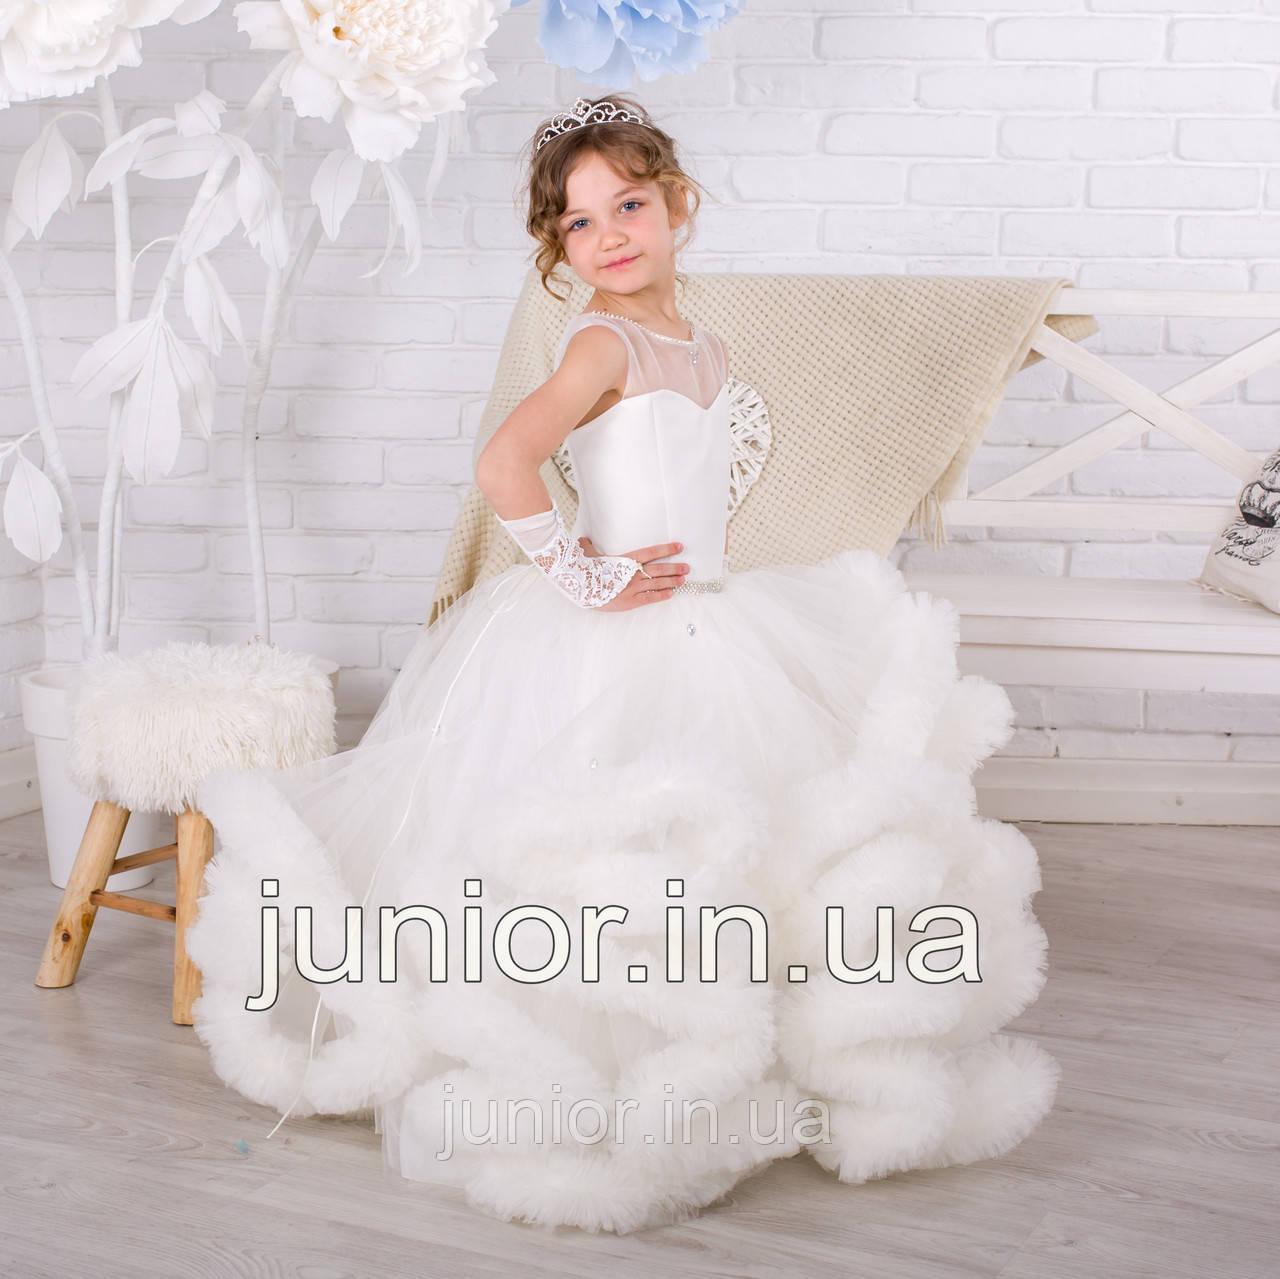 bdd40297c8a Нарядное бальное платье для девочки